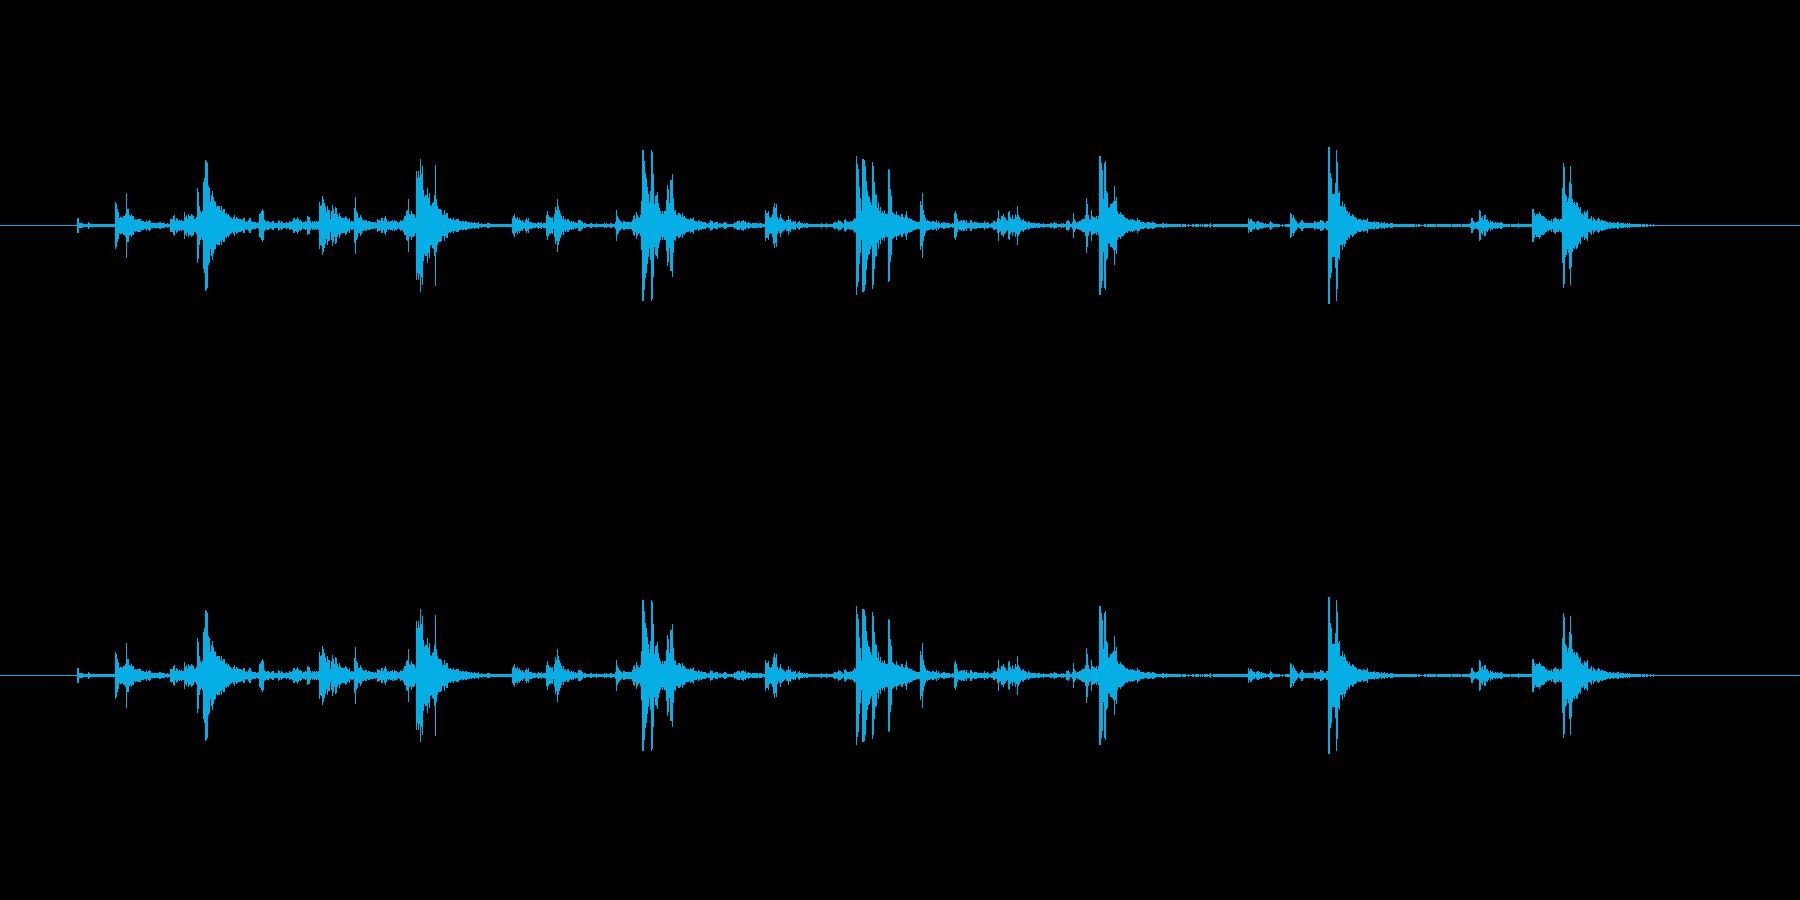 【筆箱03-8(振る)】の再生済みの波形